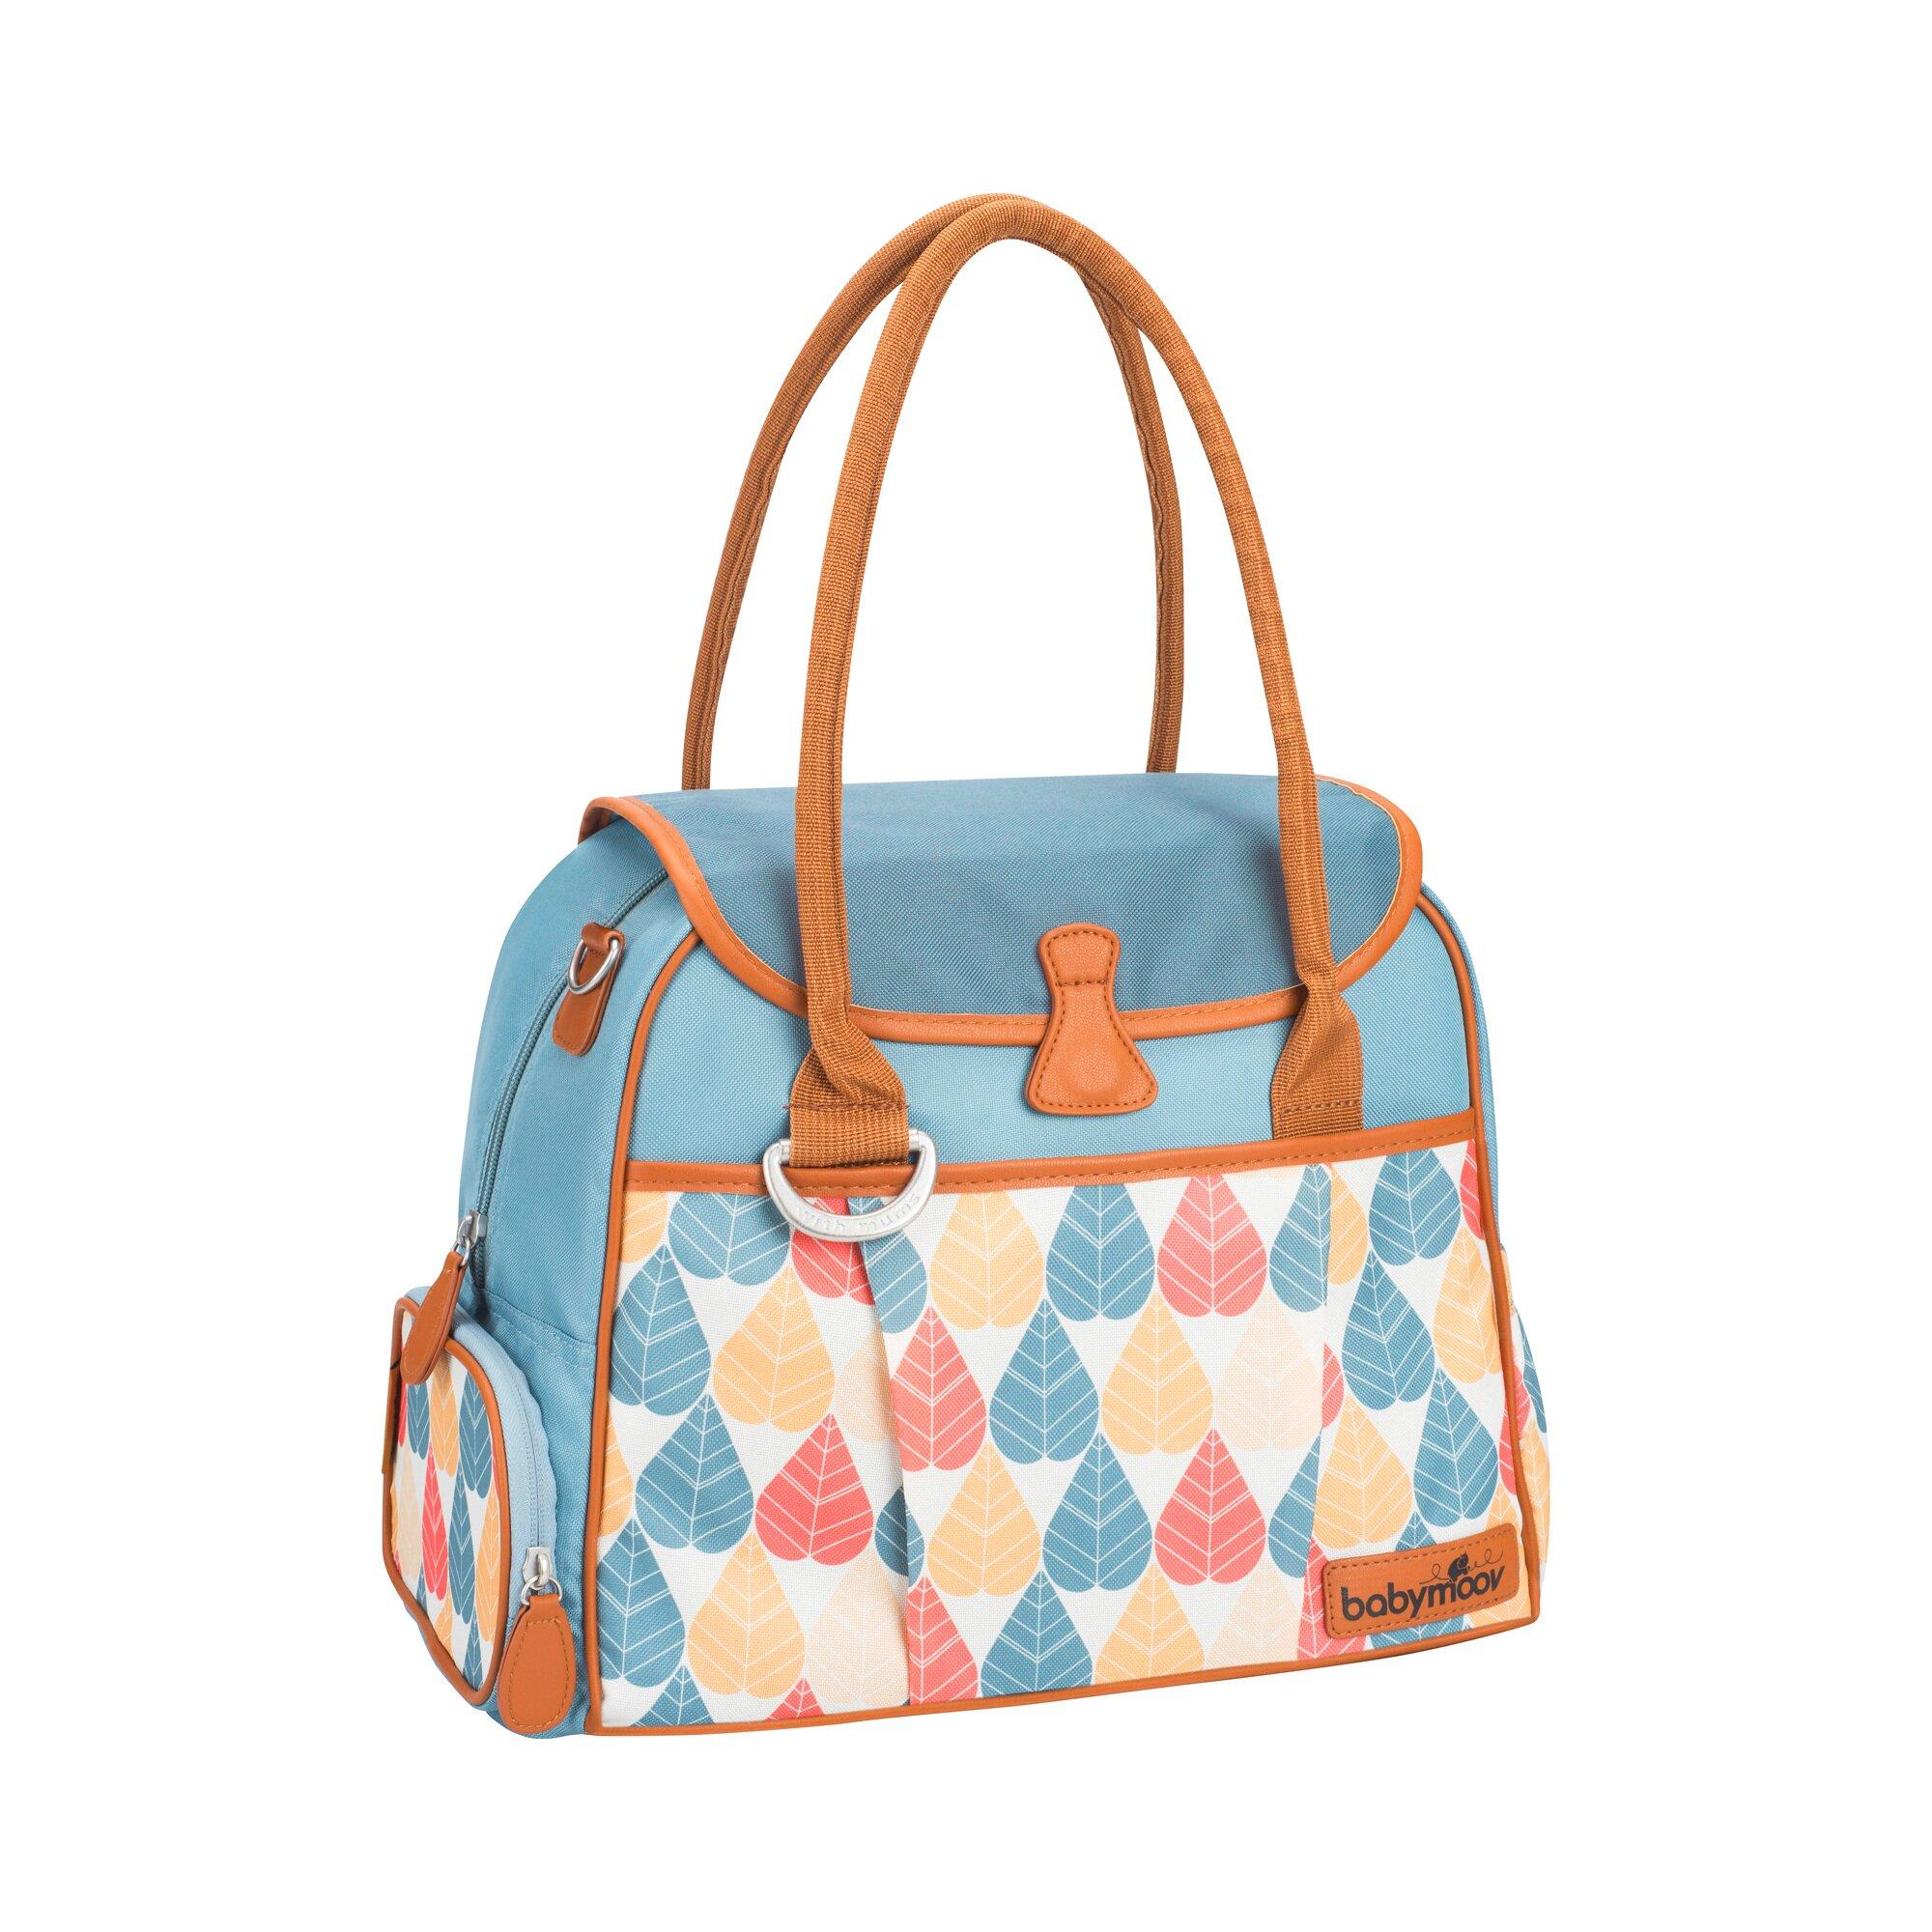 Babymoov Wickeltasche Style Bag tuerkis